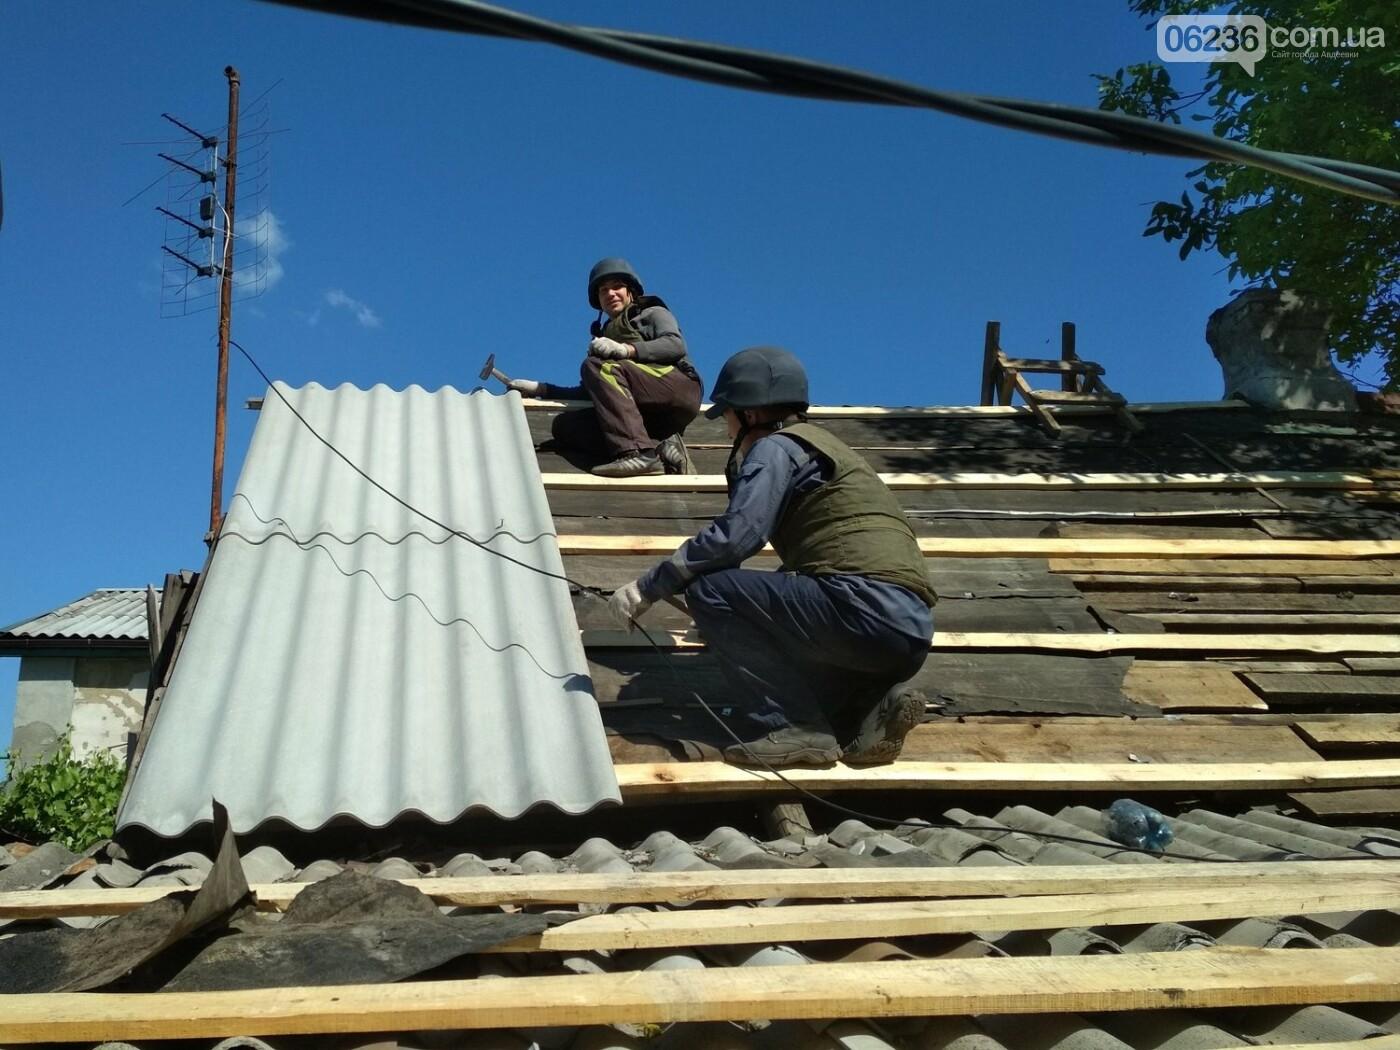 Спасатели продолжают восстанавливать поврежденные в результате боевых действий жилье в Авдеевке (ФОТО), фото-3